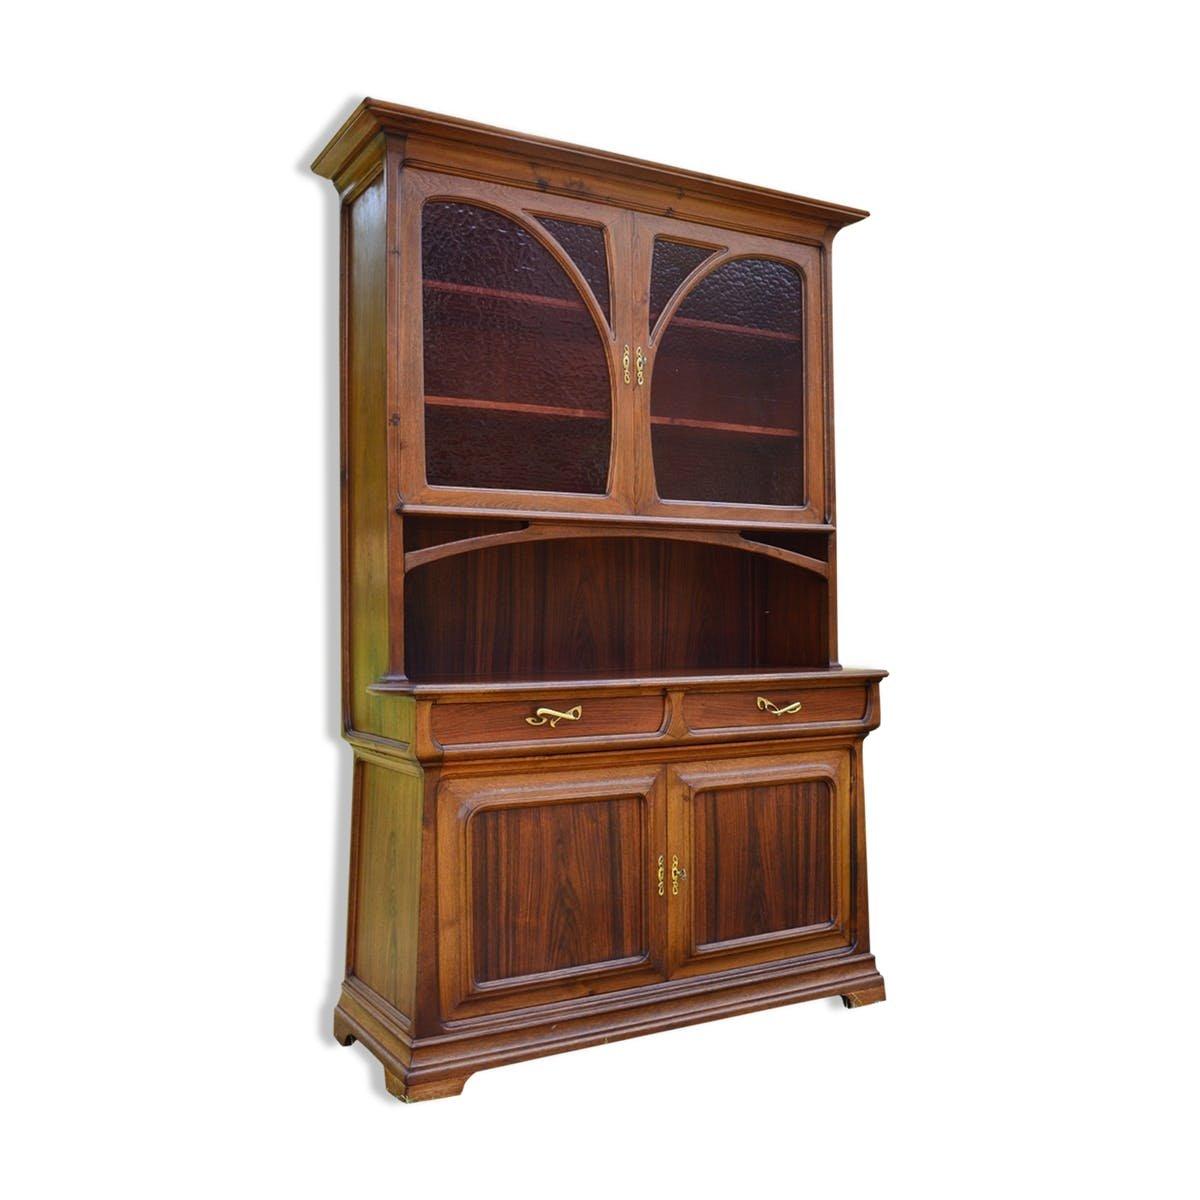 buffet art nouveau en 2 parties en ch taigner et bois exotique en vente sur pamono. Black Bedroom Furniture Sets. Home Design Ideas